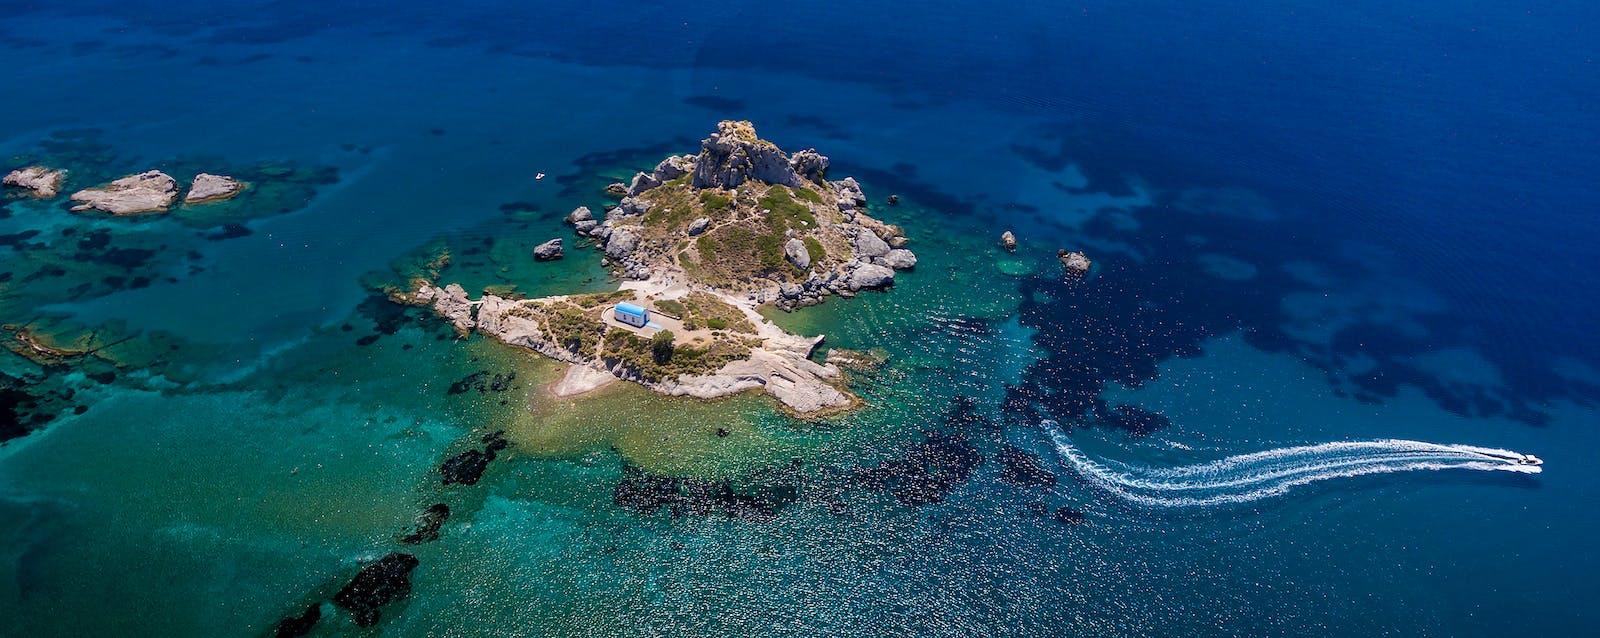 Insel Kastri bei Kefalos, Kos | Griechenland.de